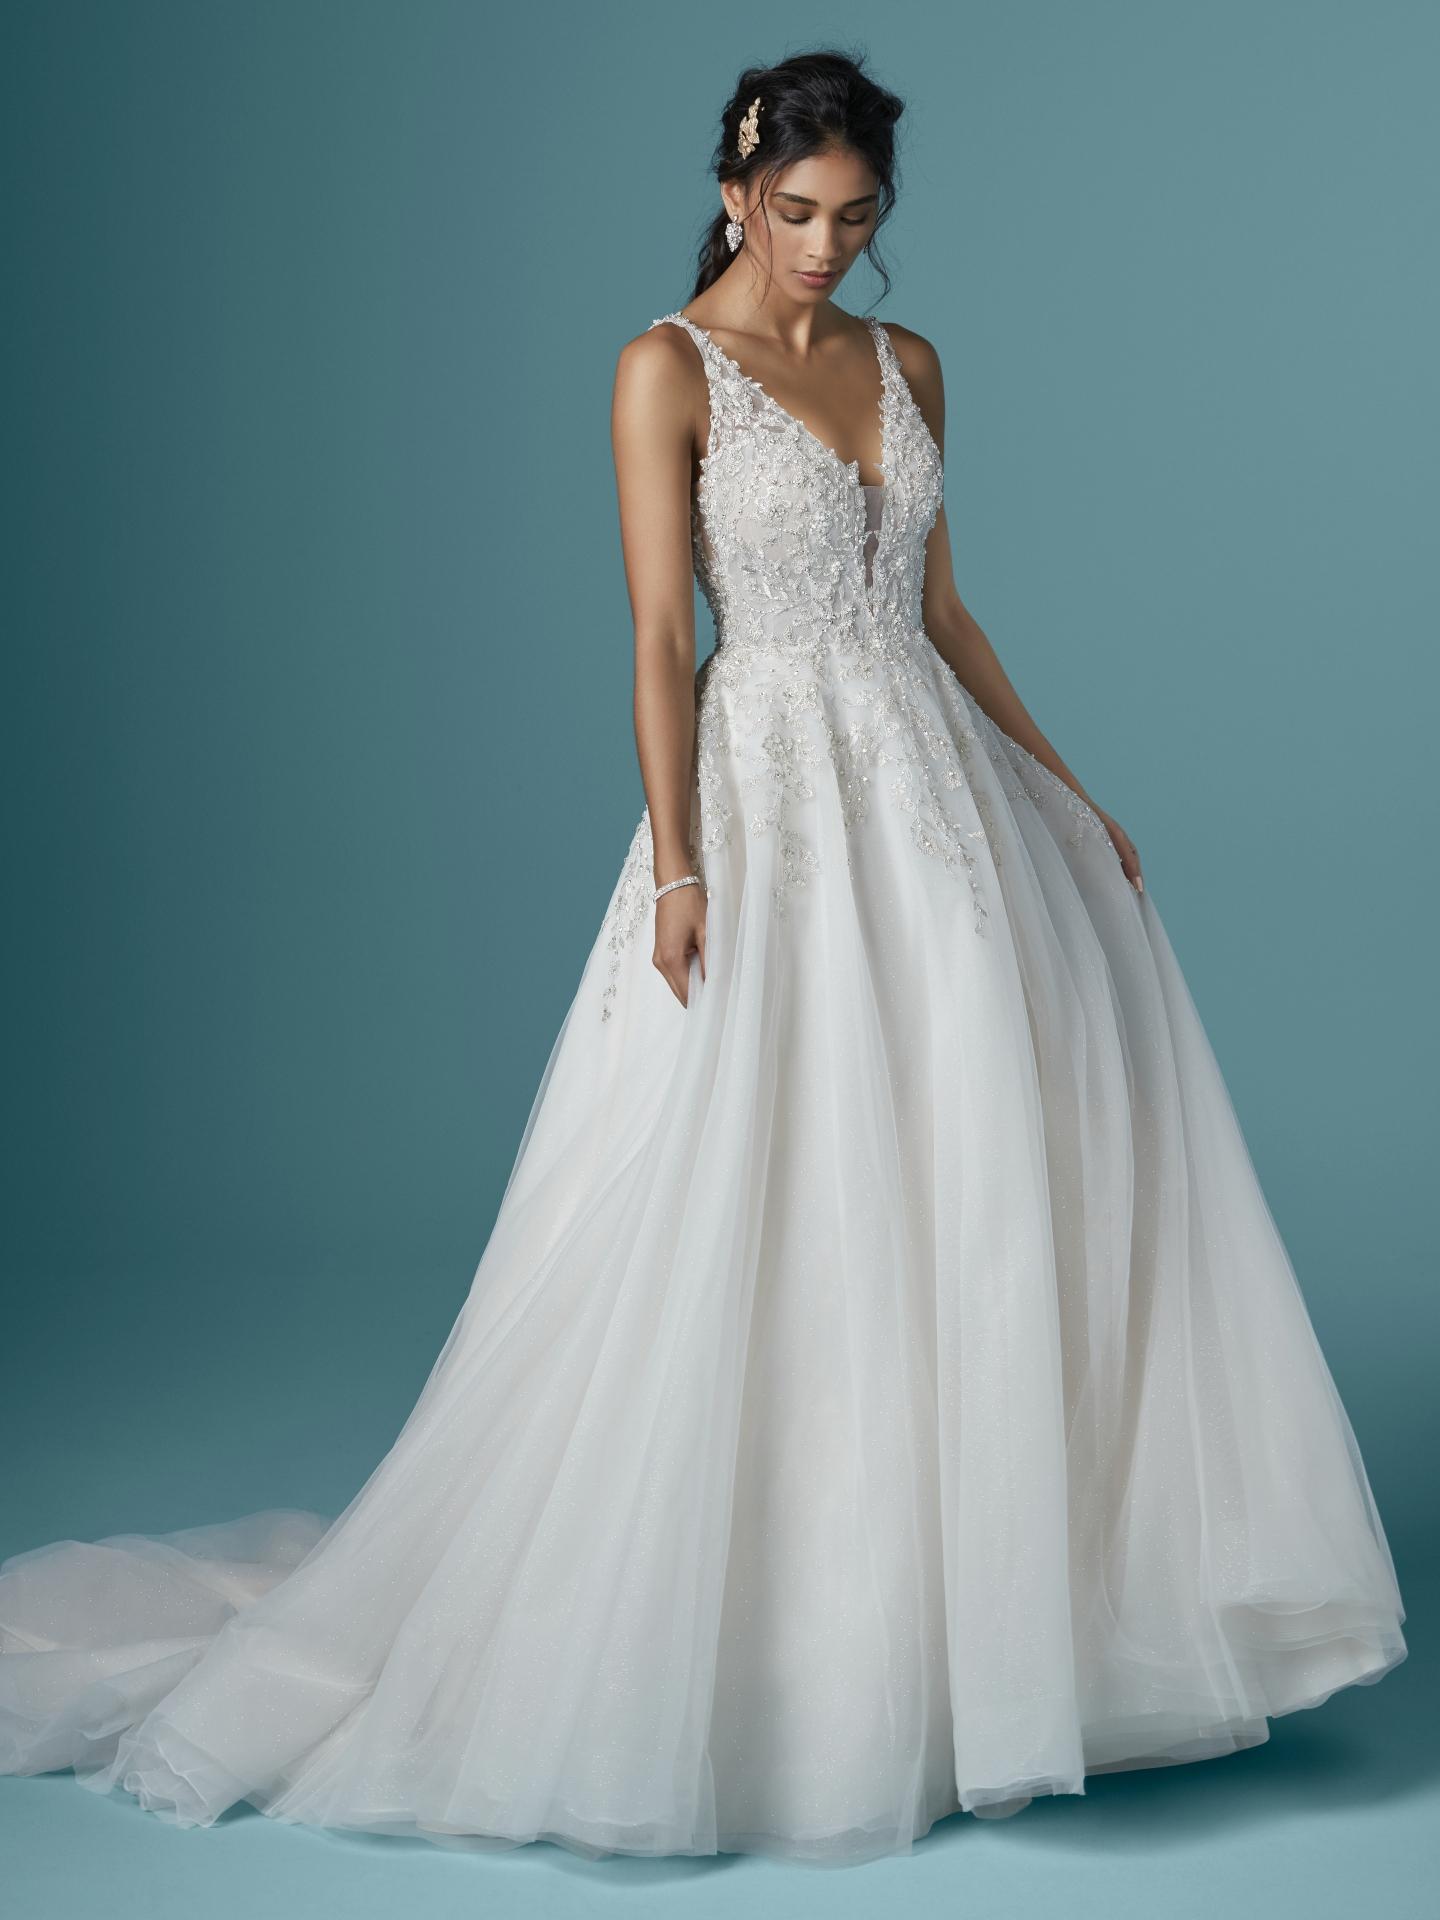 maggie sottero wedding dresses near me off 18   medpharmres.com